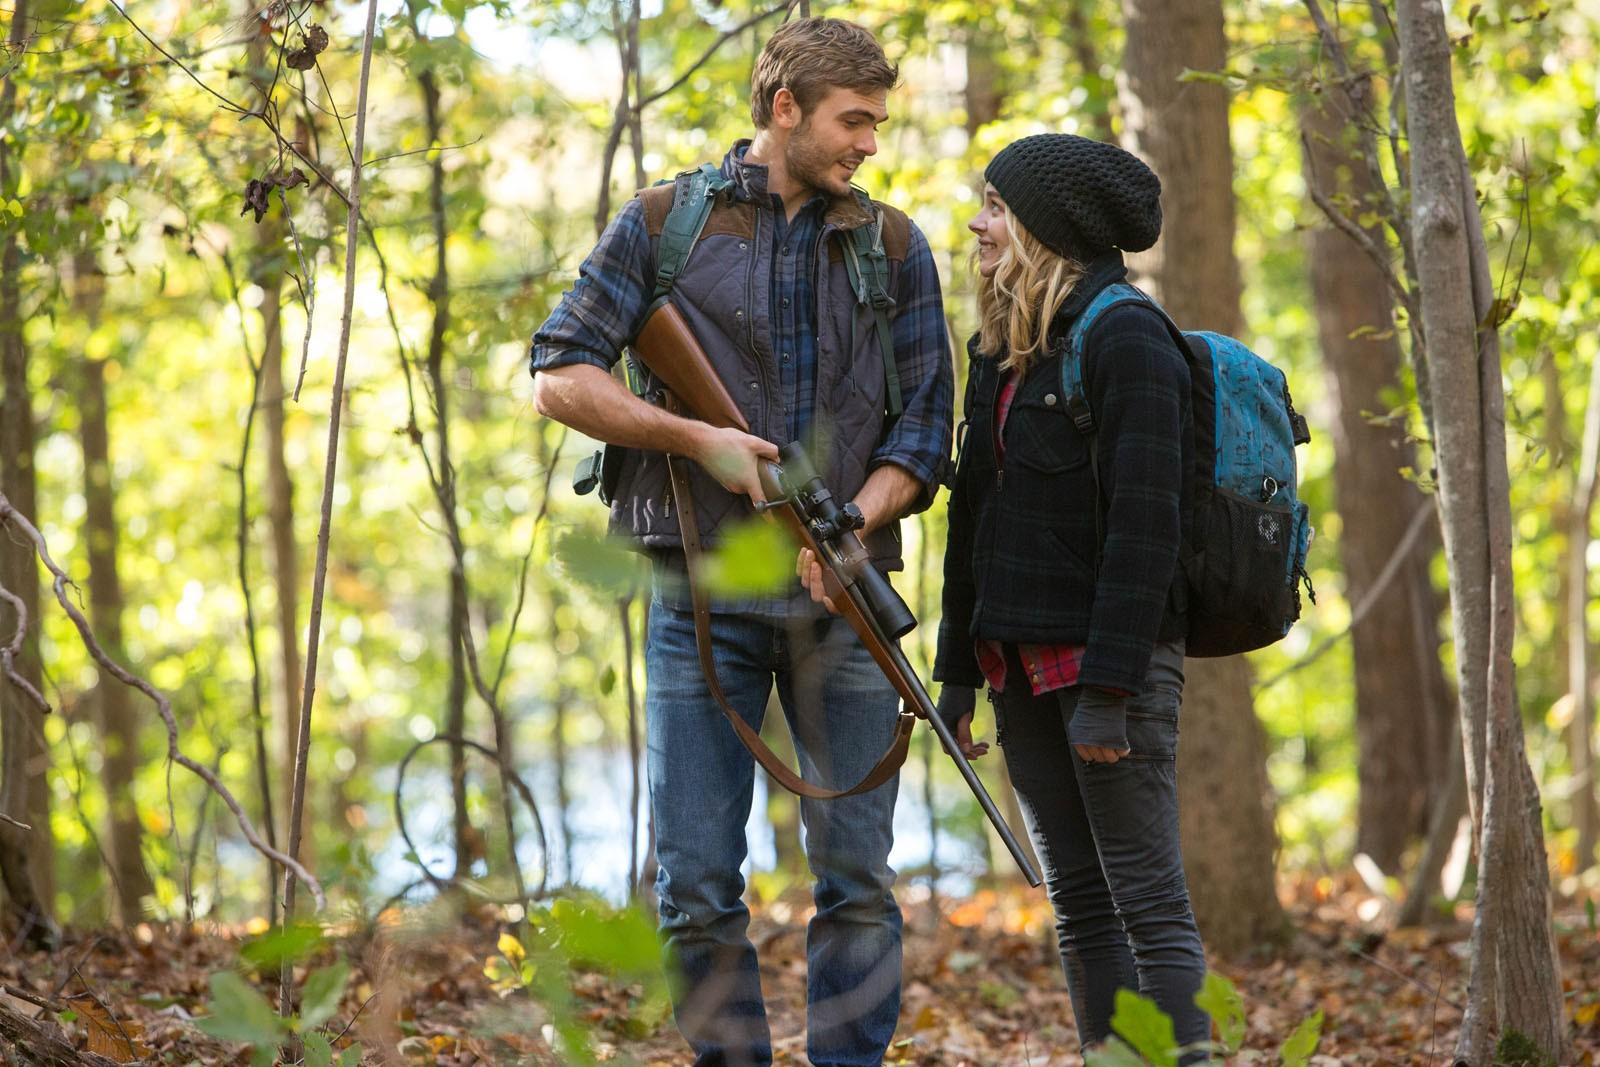 Cassie et Evan, son mystérieux sauveur